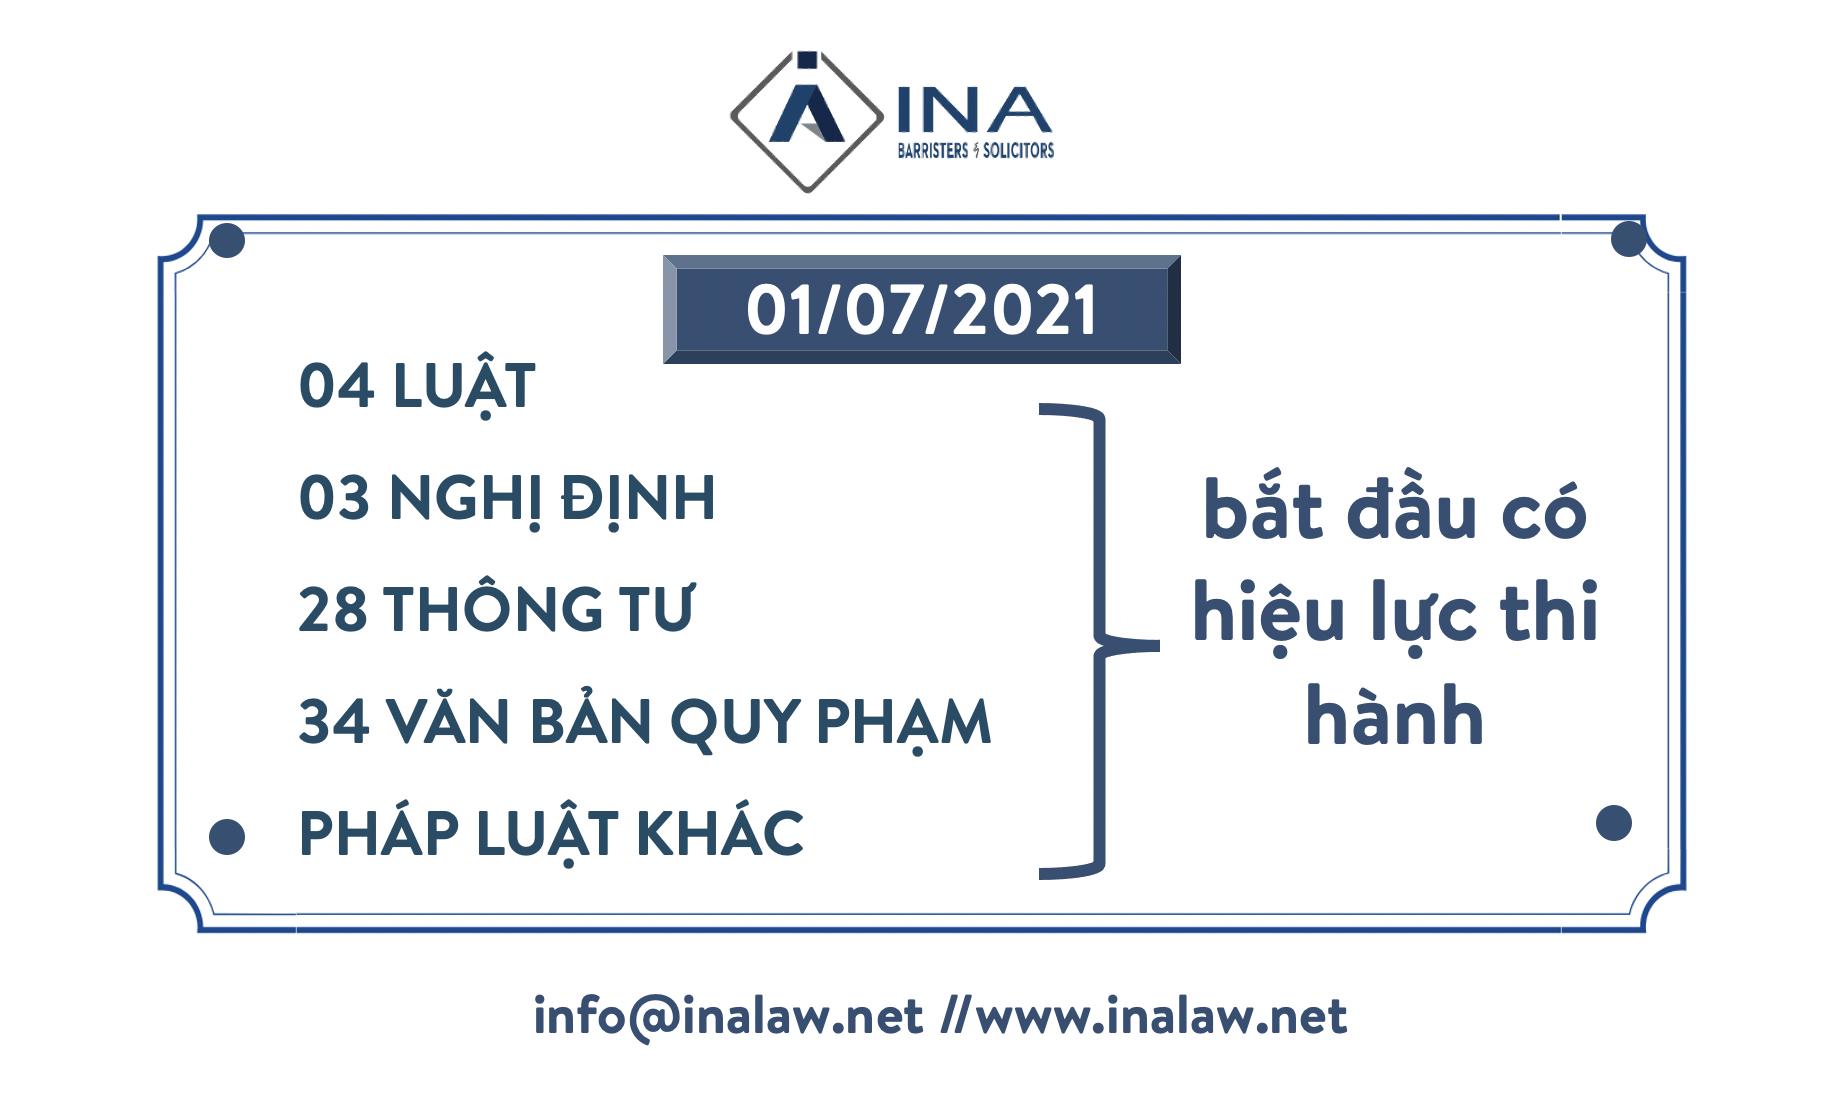 01/07/2021: 04 Luật, 03 Nghị định, 28 Thông tư và 34 văn bản quy phạm pháp luật khác bắt đầu có hiệu lực thi hành